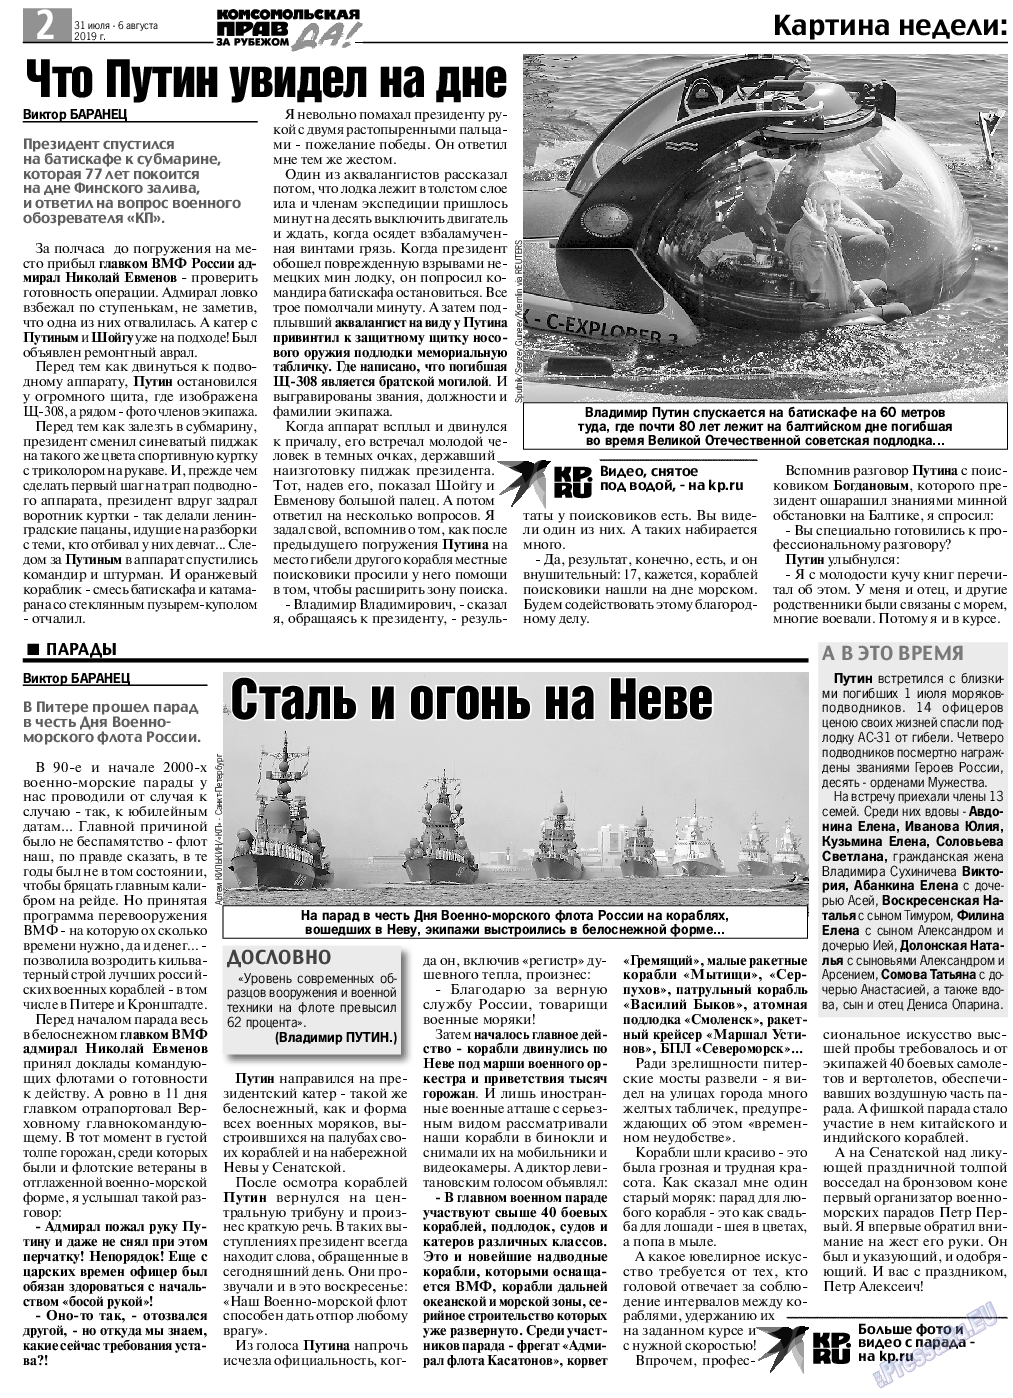 КП в Европе (газета). 2019 год, номер 31, стр. 2